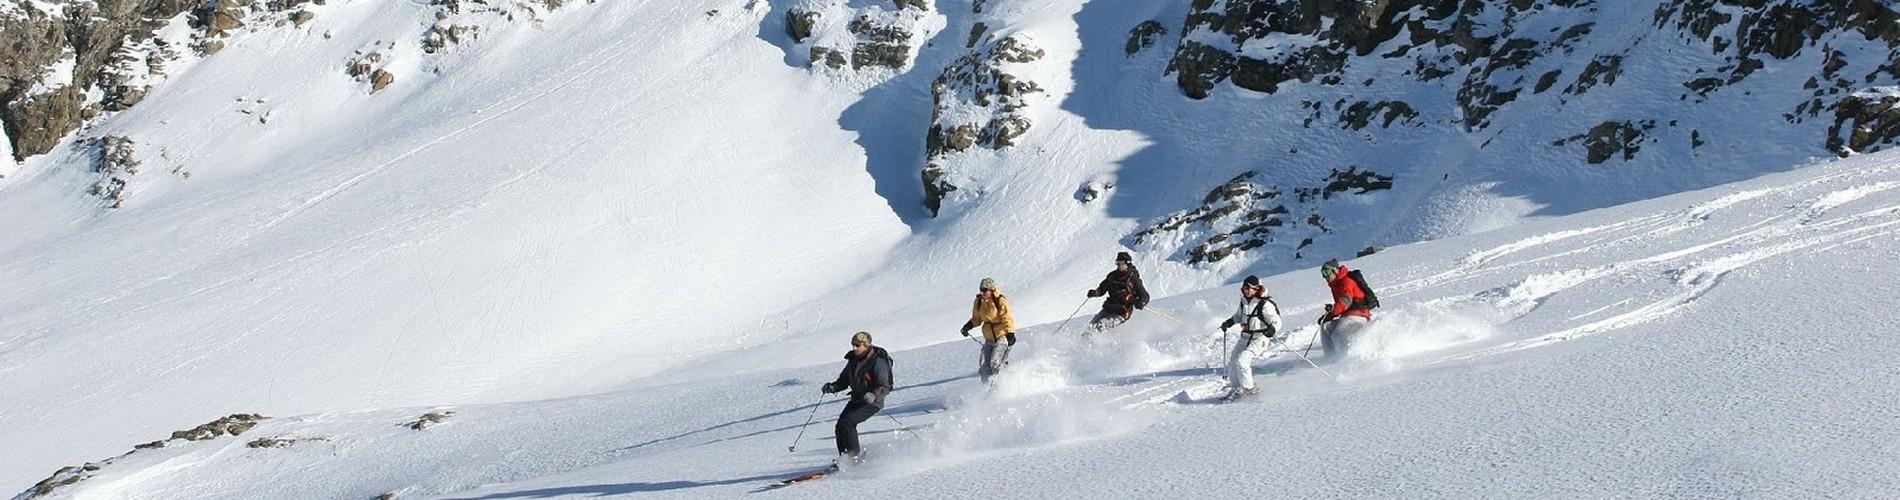 chalet_vallouise_ski_pays_ecrins_bandeau